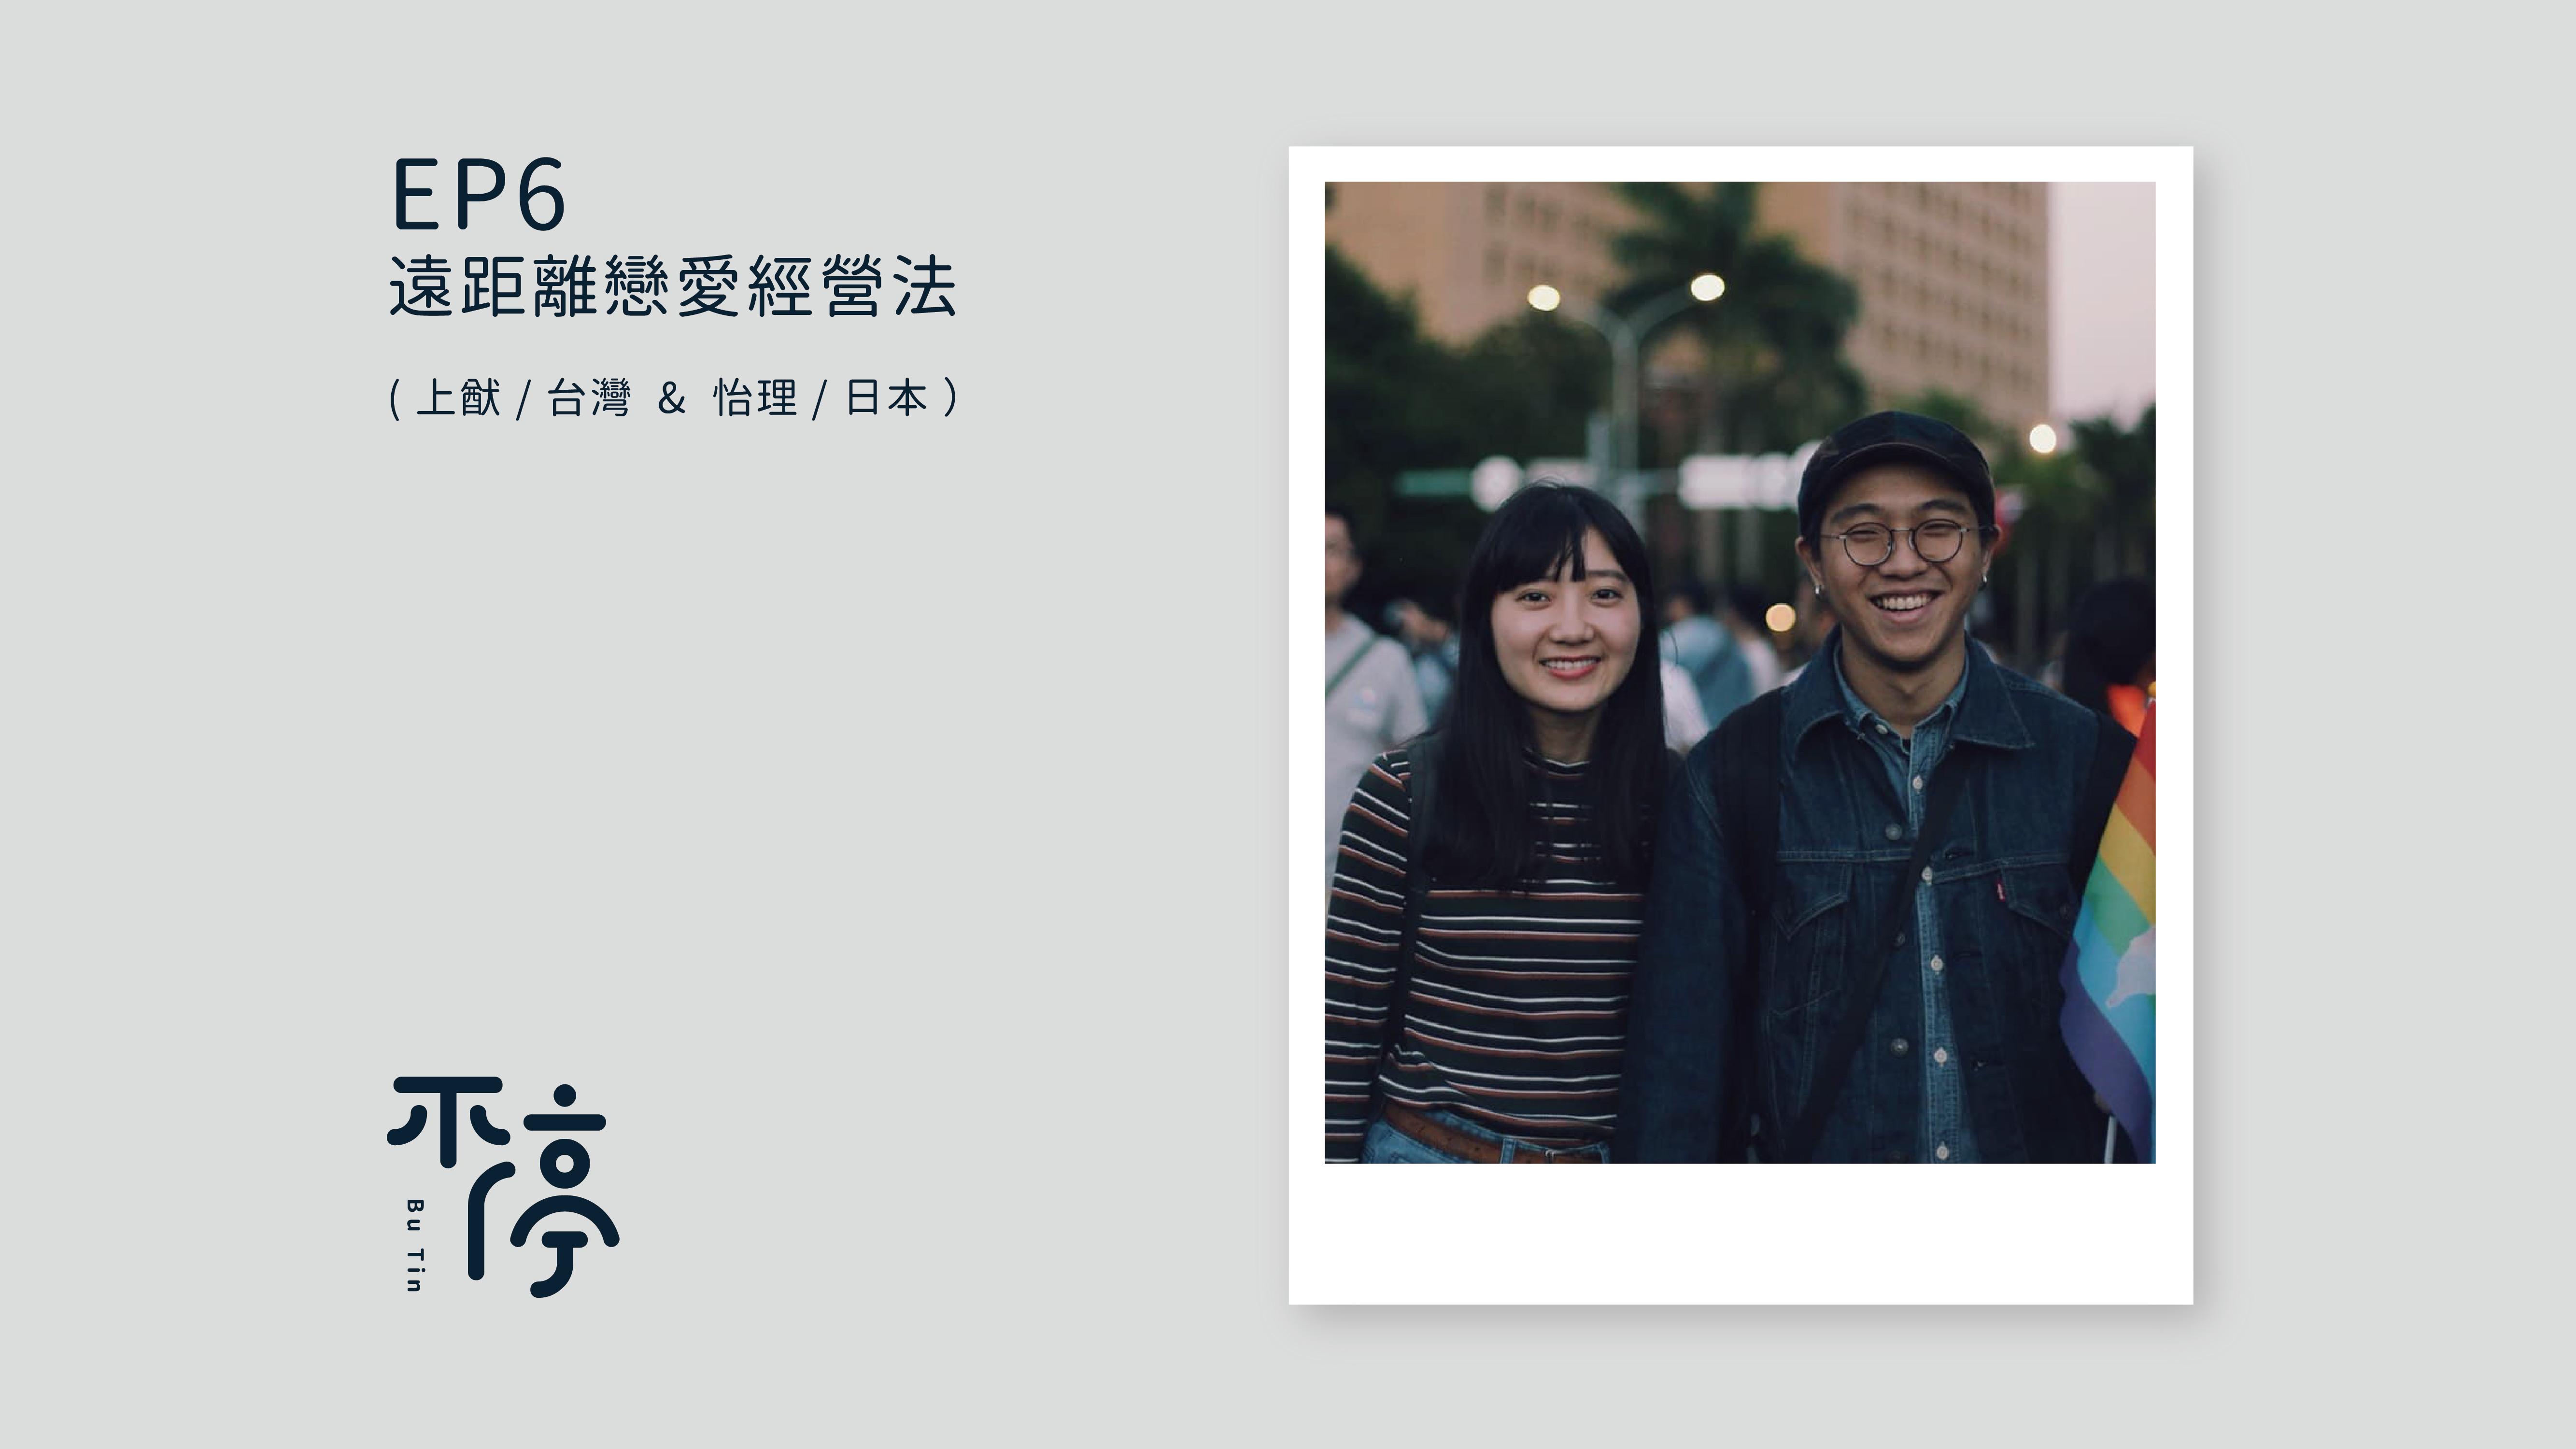 EP6 - 遠距離戀愛經營法( 上猷/台灣 & 怡理/日本 )